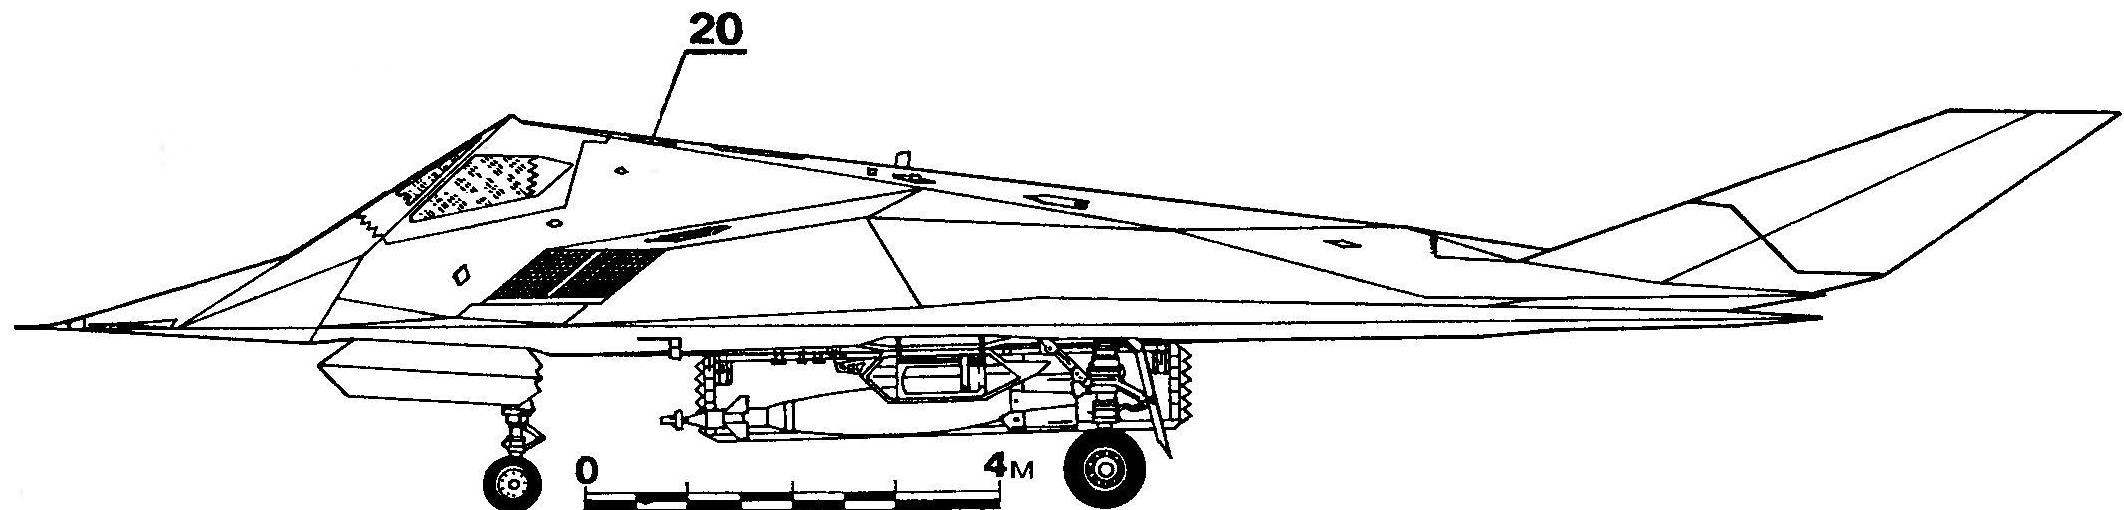 ВИДИМЫЙ НЕВИДИМЫЙ САМОЛЕТ («ЛОКХИД» F-117А)